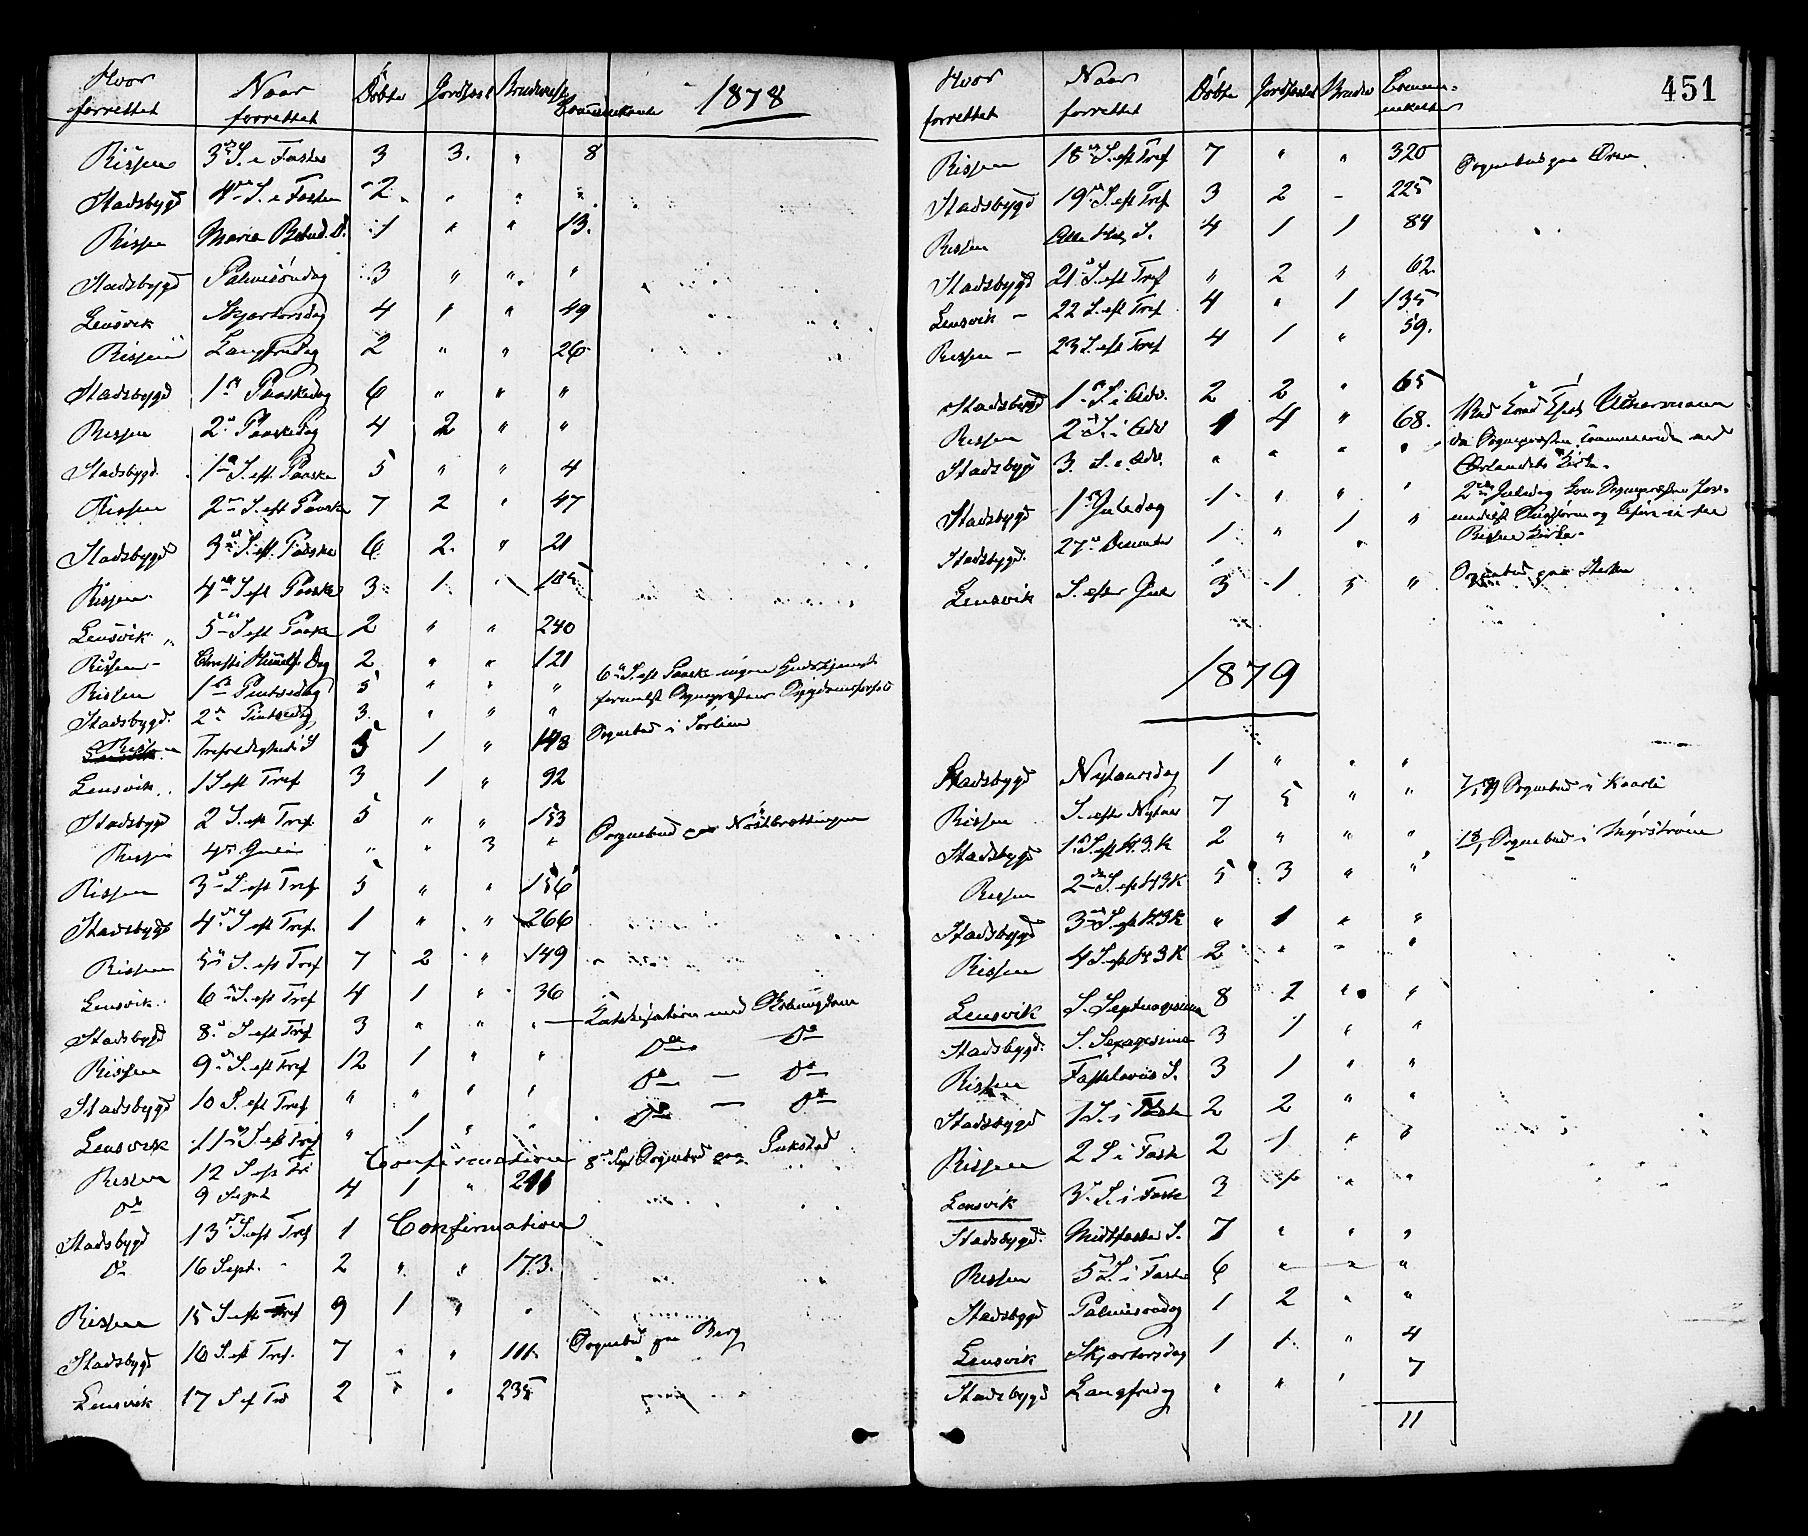 SAT, Ministerialprotokoller, klokkerbøker og fødselsregistre - Sør-Trøndelag, 646/L0613: Ministerialbok nr. 646A11, 1870-1884, s. 451